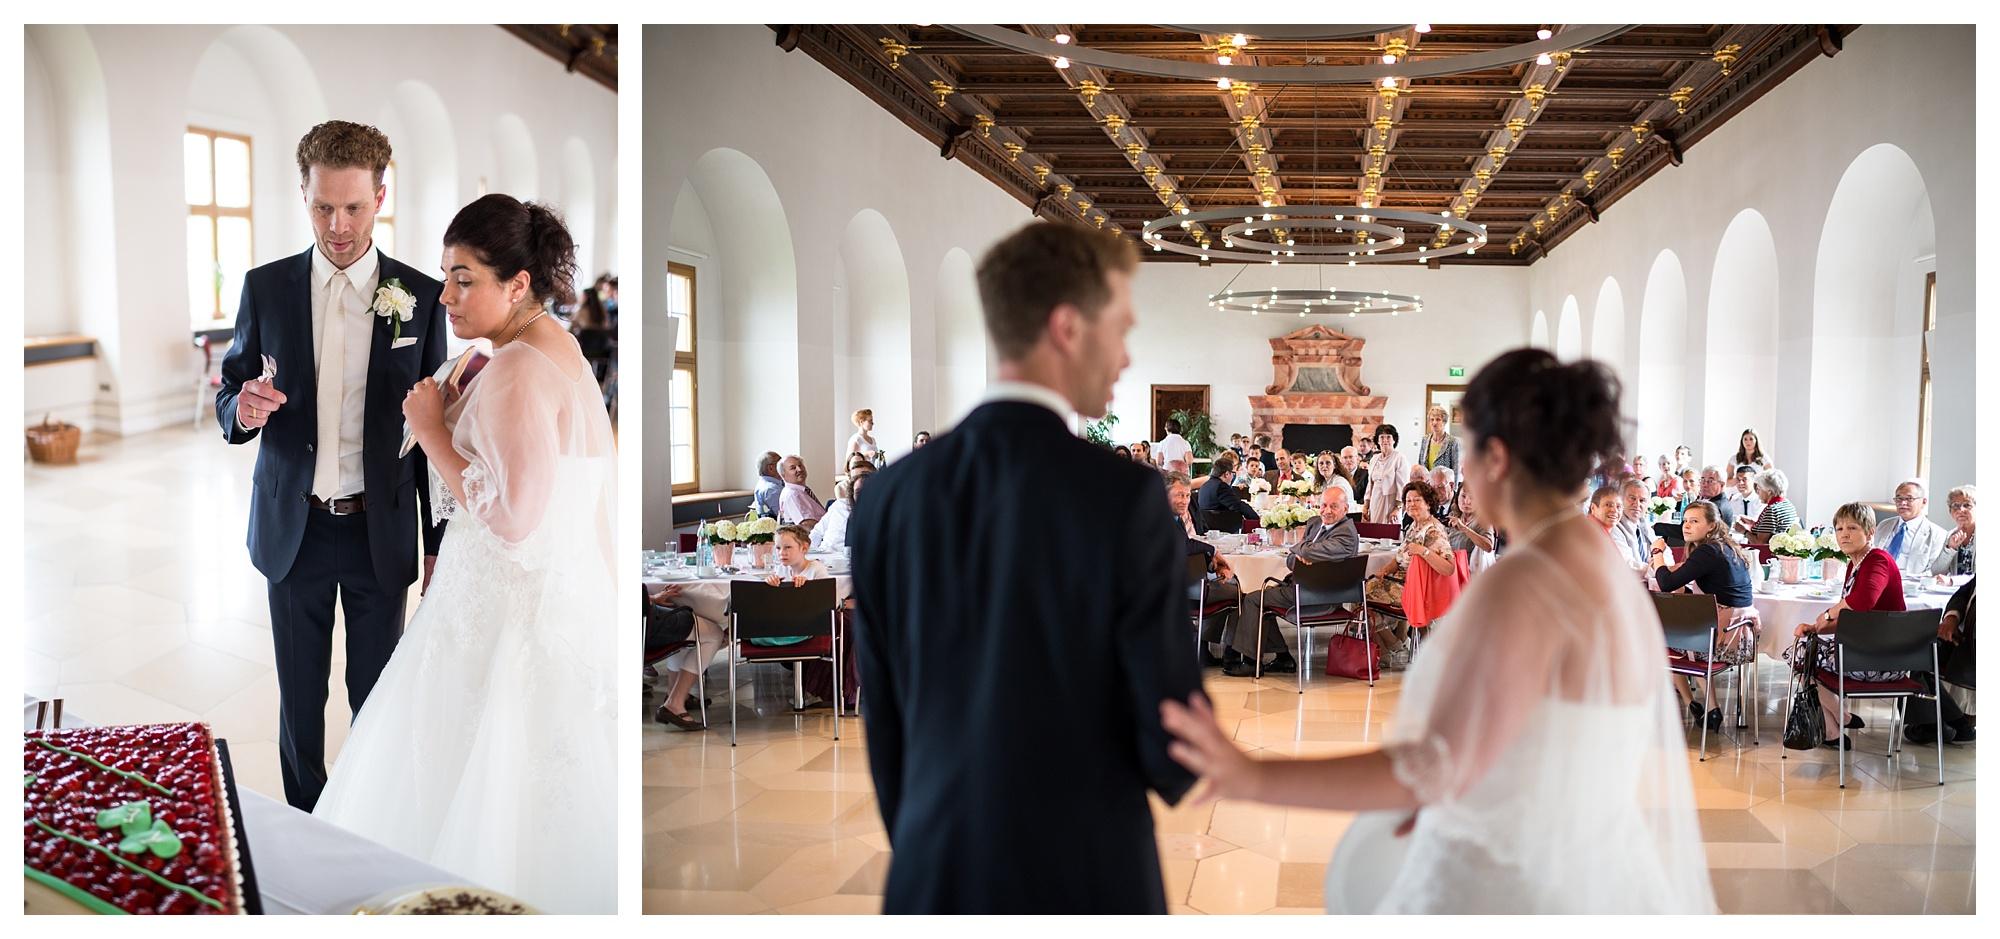 Fotograf Konstanz - Hochzeit Tanja Elmar Elmar Feuerbacher Photography Konstanz Messkirch Highlights 059 - Hochzeitsreportage von Tanja und Elmar im Schloss Meßkirch  - 57 -